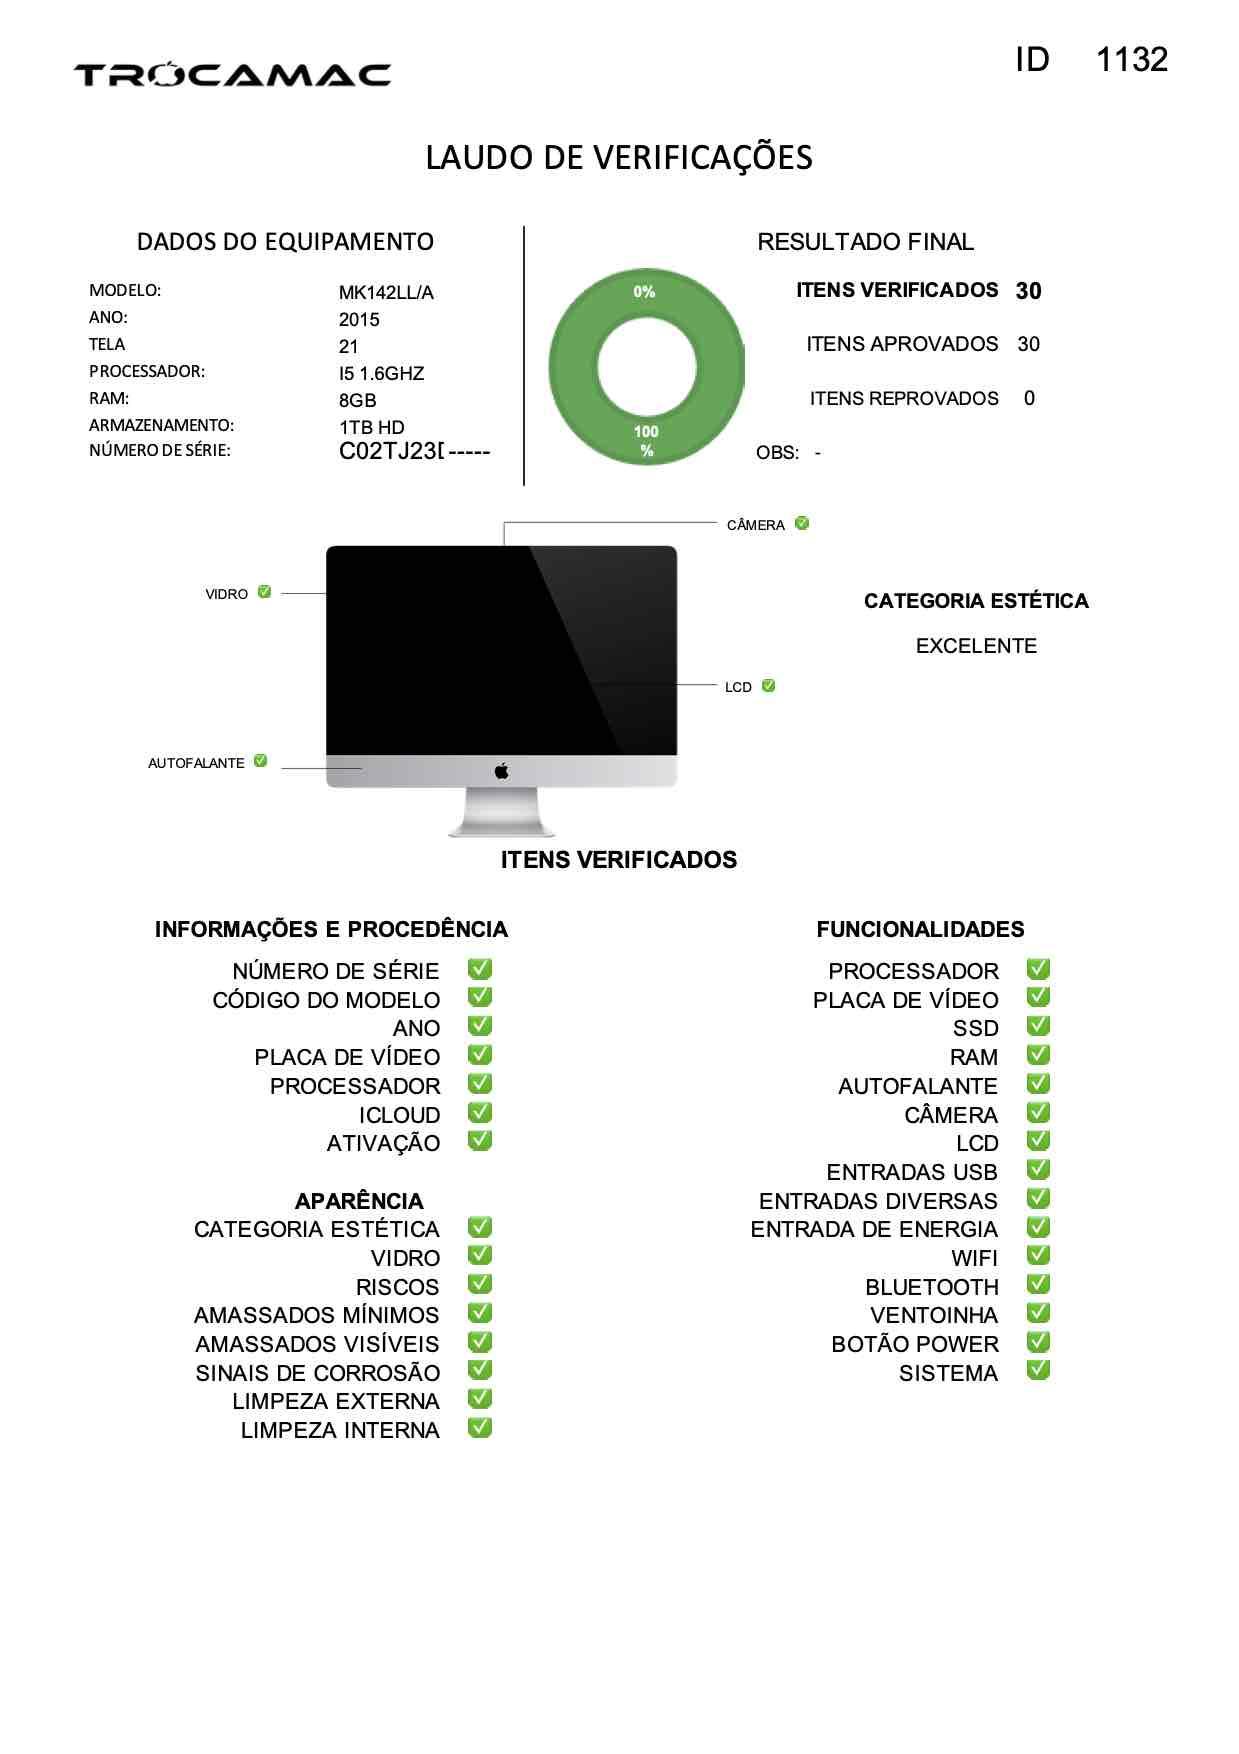 Imac 21 I5 1.6ghz 8gb 1TB HD Mk142ll/a Seminovo